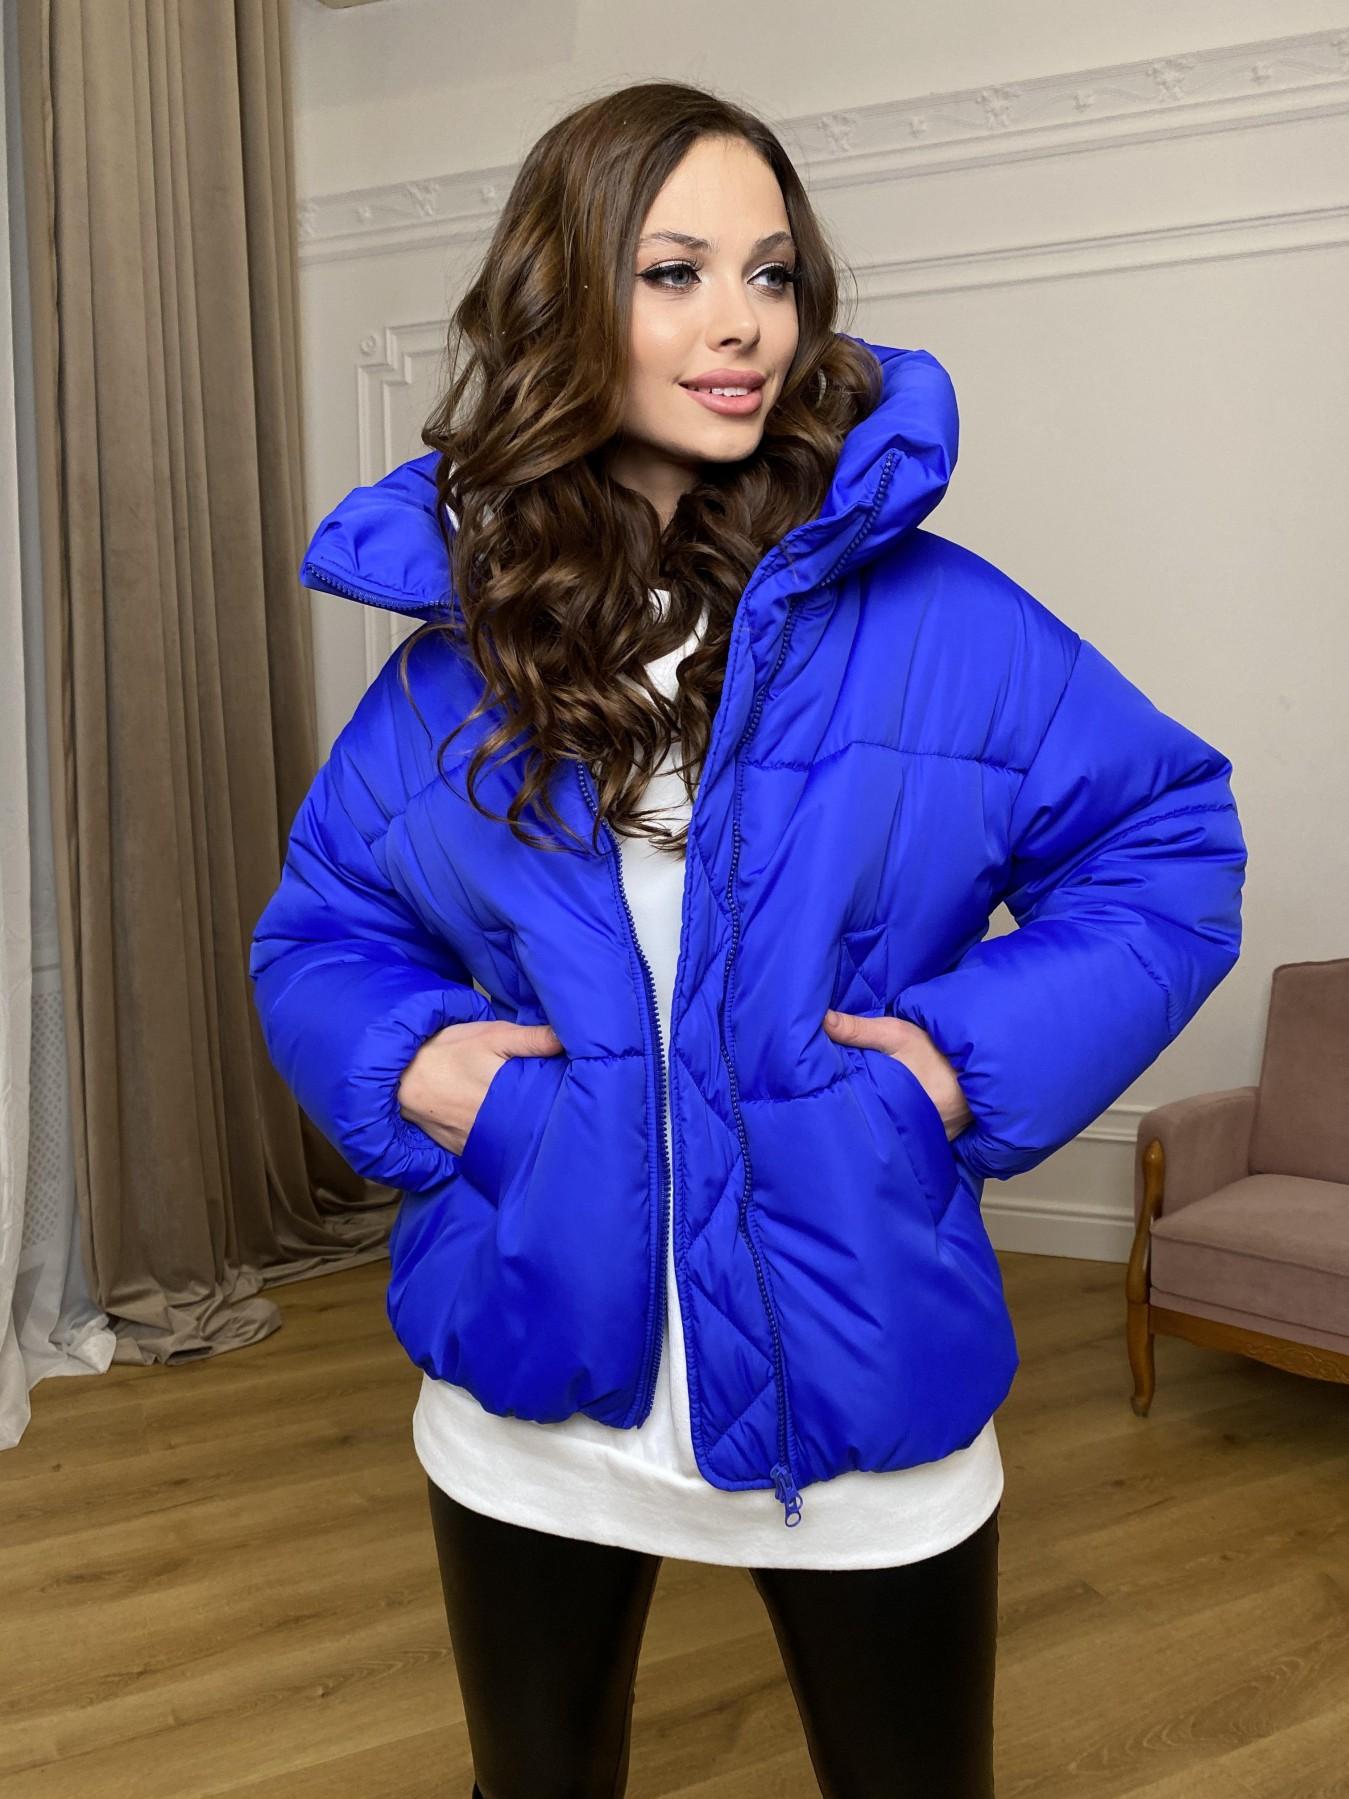 Нокс куртка из плащевой ткани 10535 АРТ. 46881 Цвет: Электрик 1052 - фото 12, интернет магазин tm-modus.ru